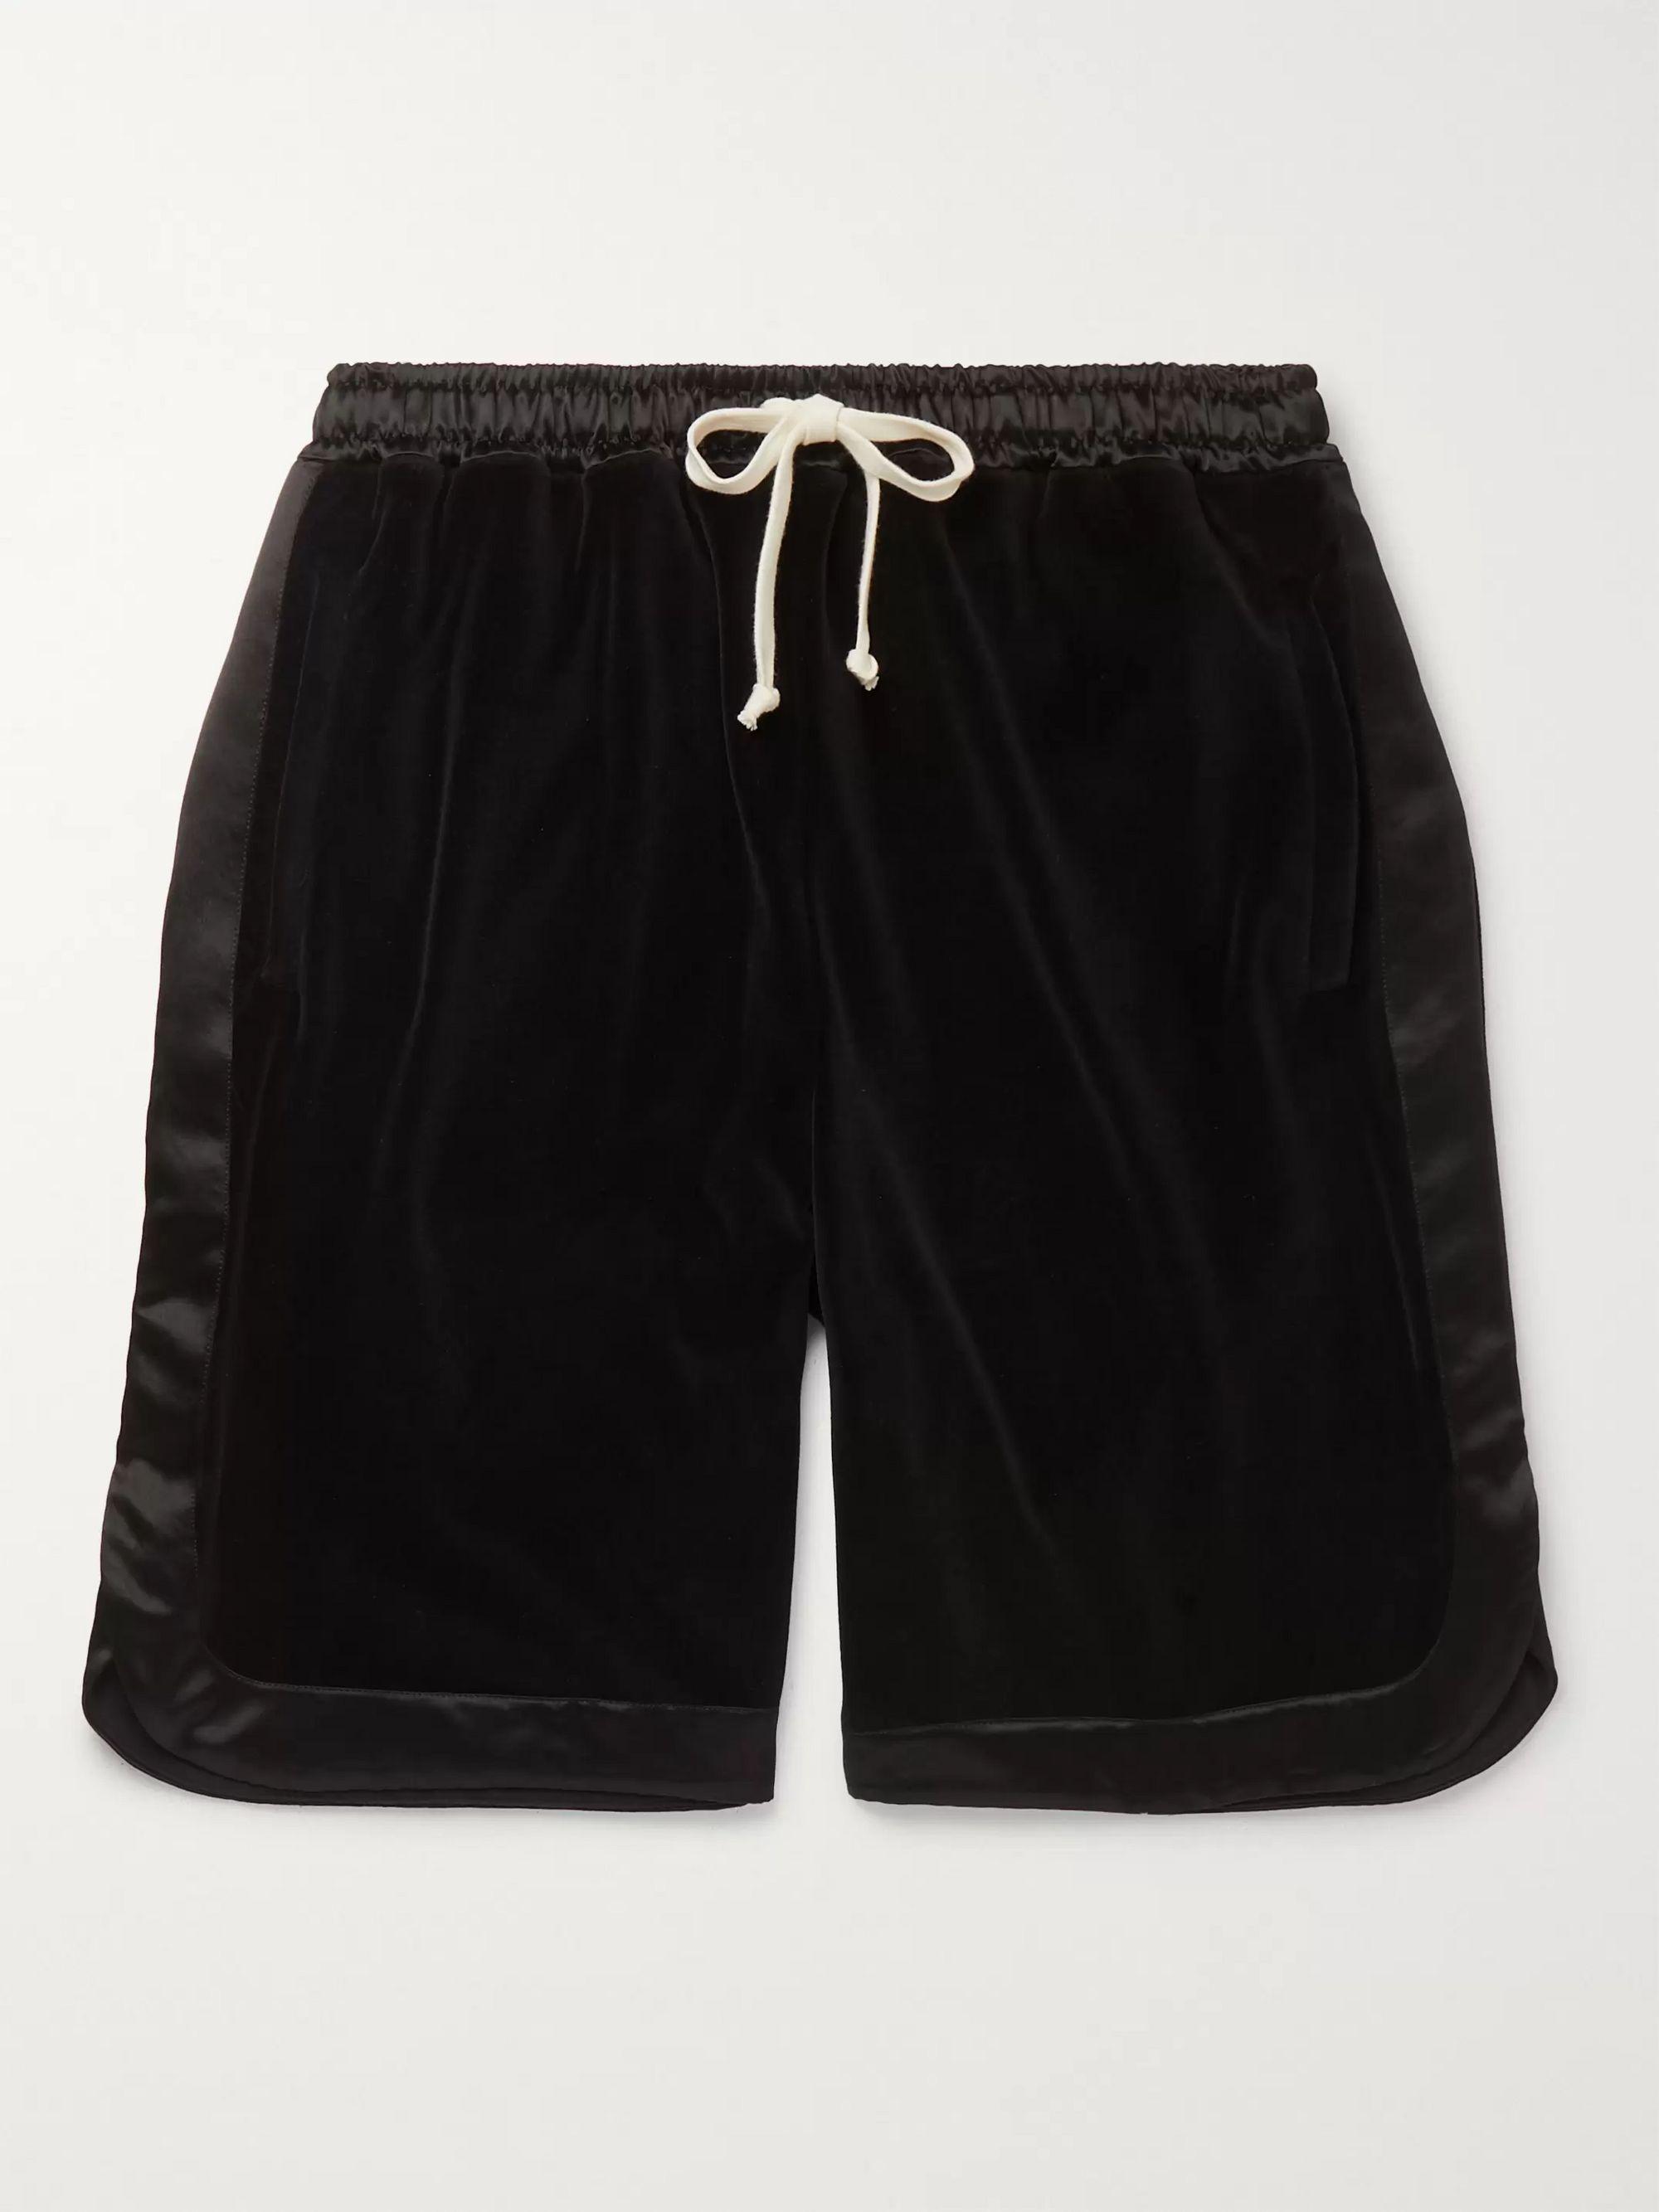 구찌 Gucci Wide-Leg Satin-Trimmed Cotton-Blend Velvet Drawstring Shorts,Black